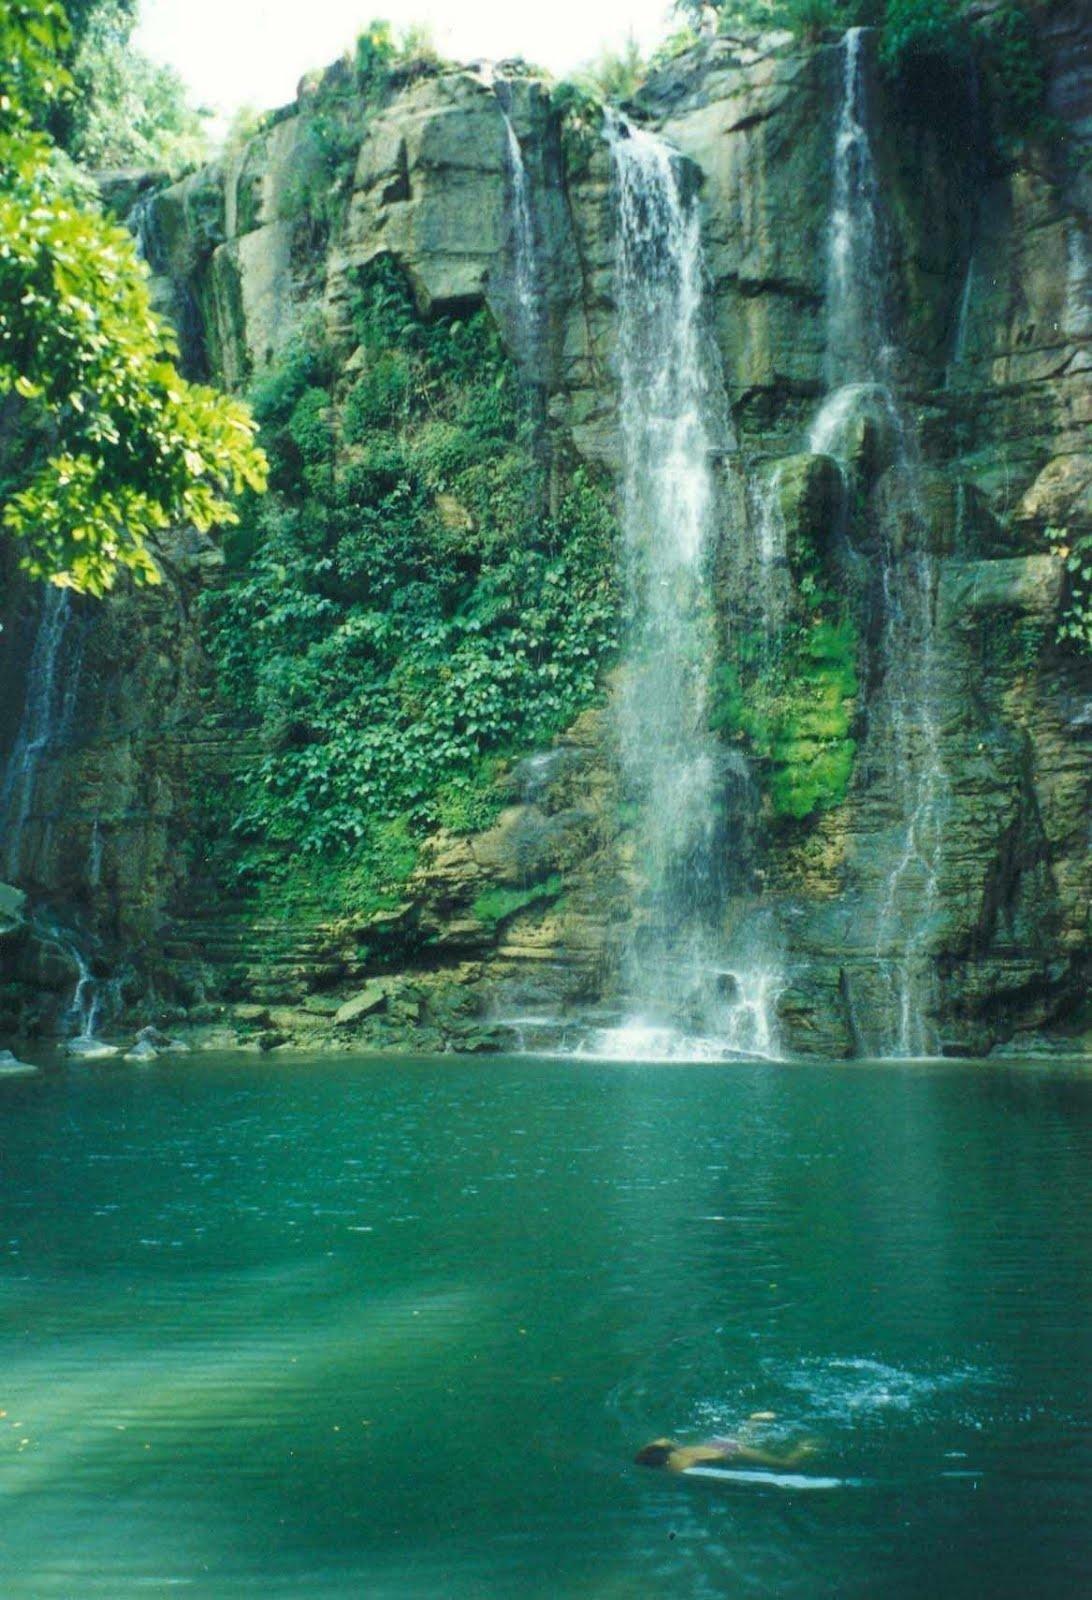 Sierra Maestra Santiago De Cuba Voyages En 2019 Pinterest Cuba Cuba Travel Et Travel